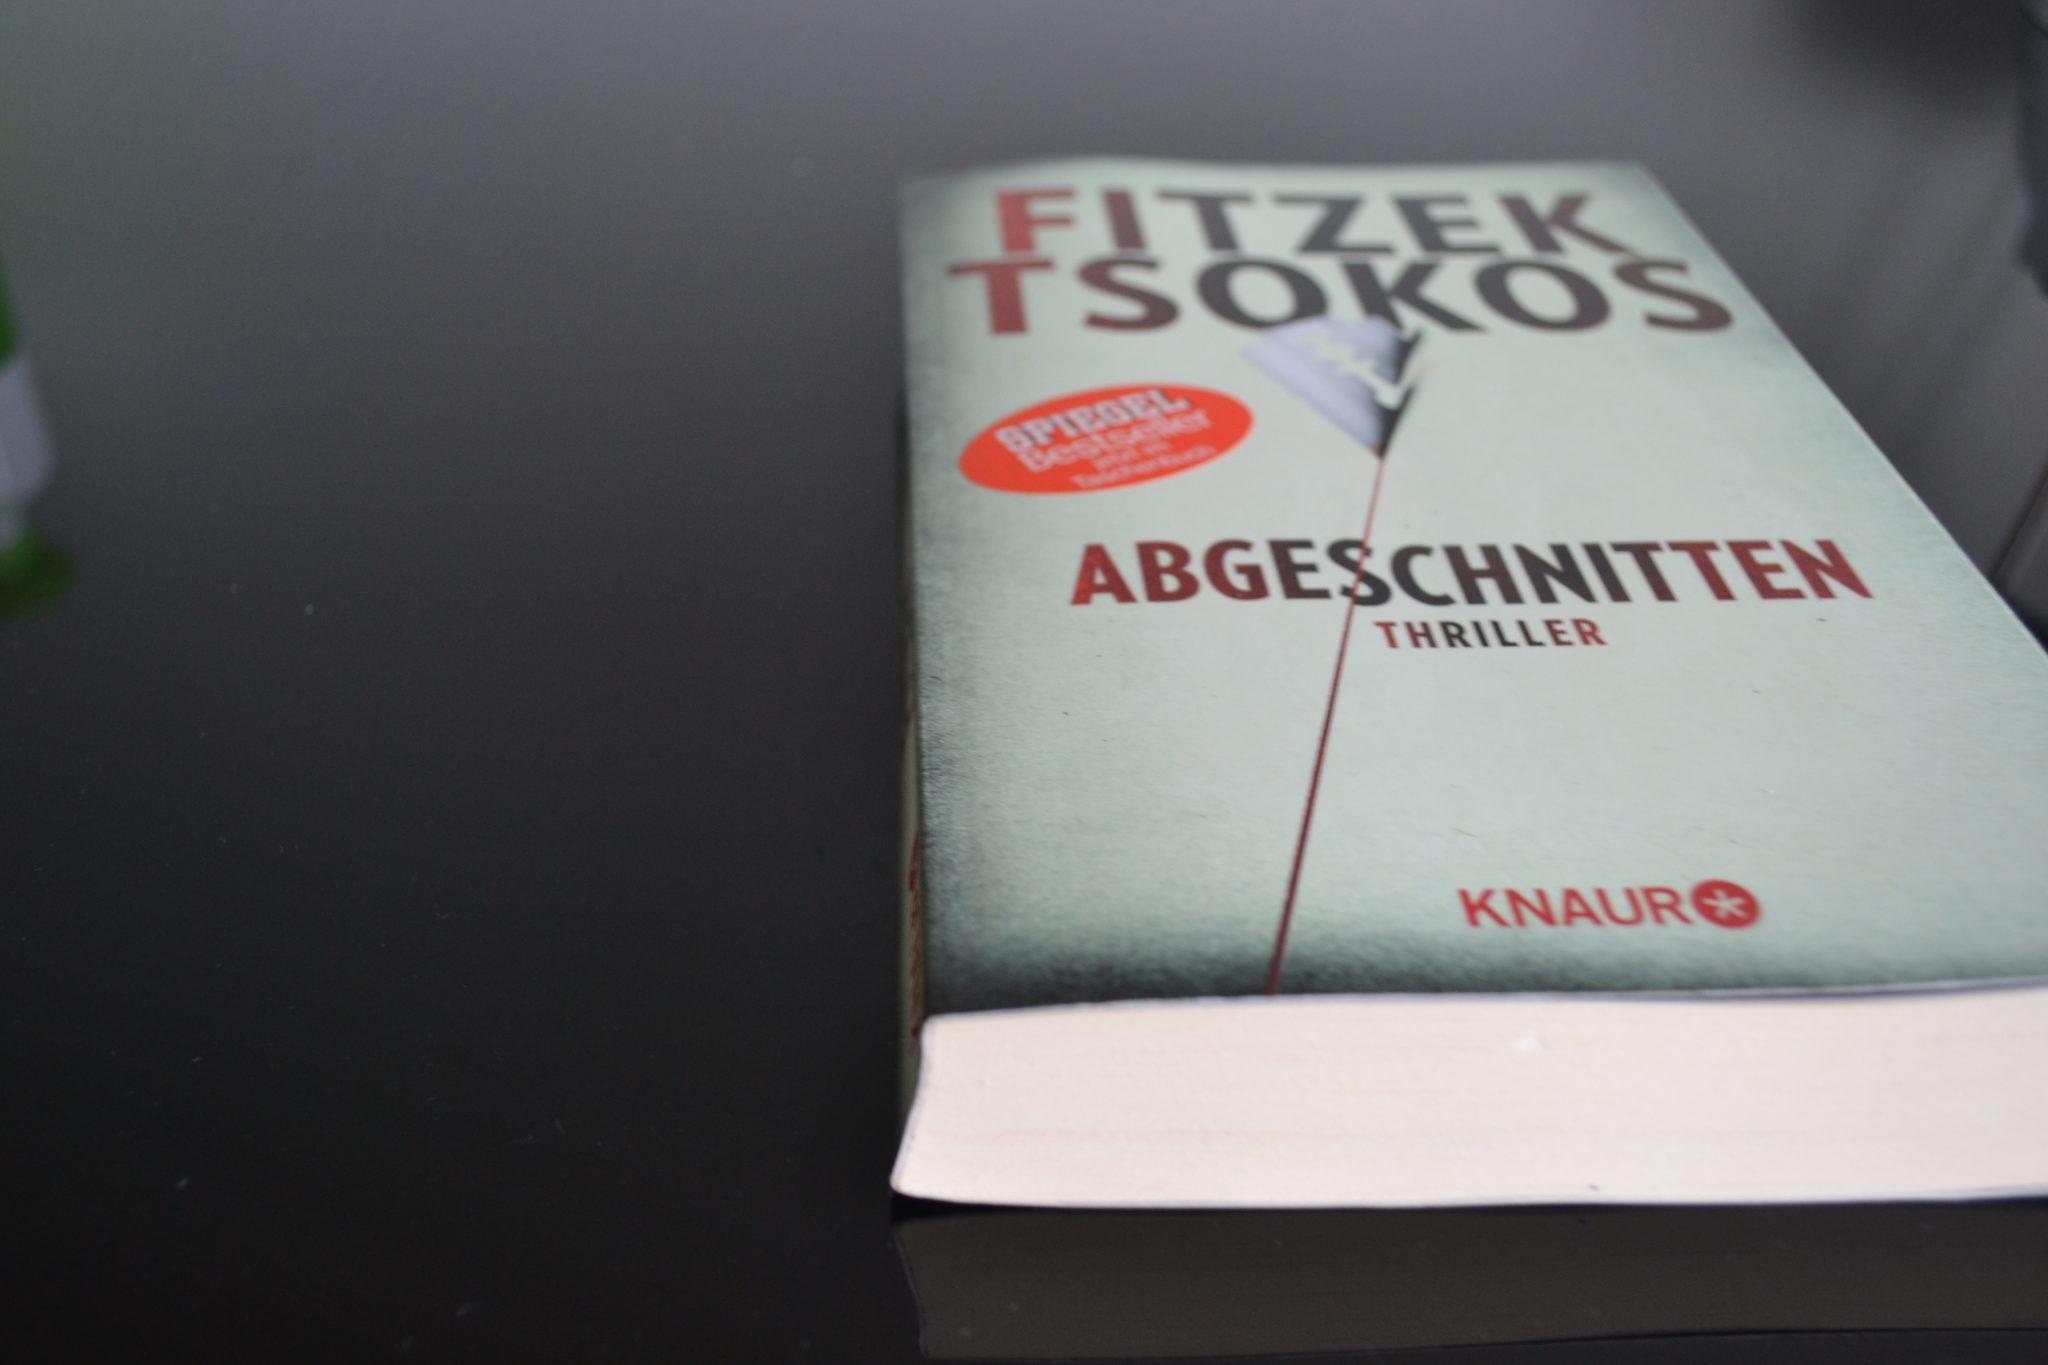 Books: Abgeschnitten | Fitzek & Tsokos - DSC 0564